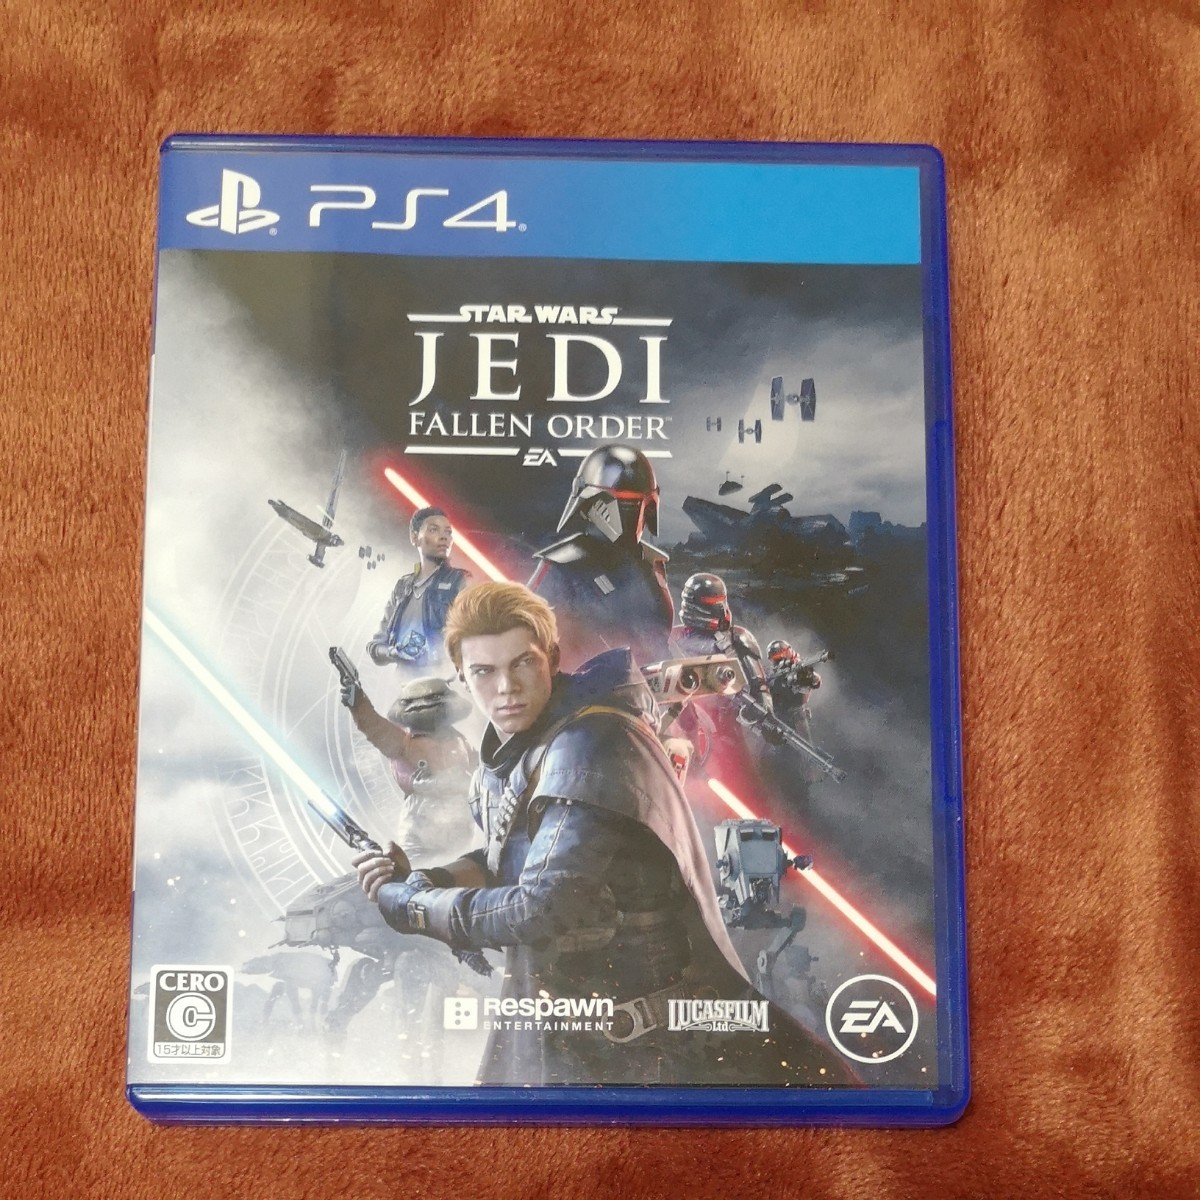 【PS4】 Star Wars ジェダイ:フォールン・オーダー [通常版] PS4ソフト